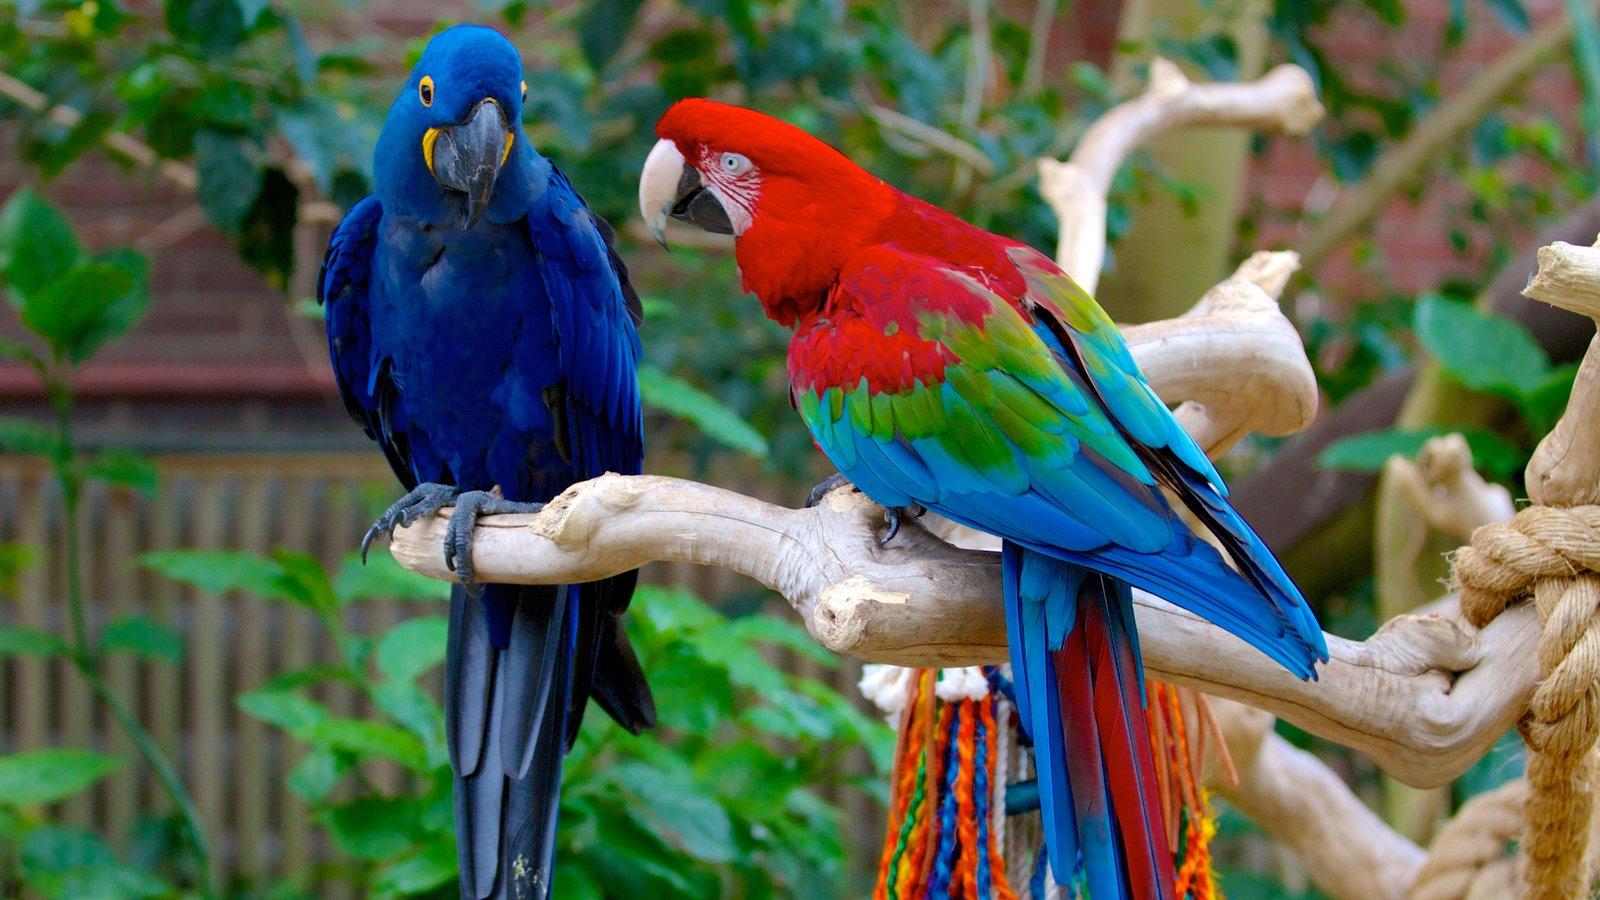 National Aviary mostrando vida das aves e animais de zoológico